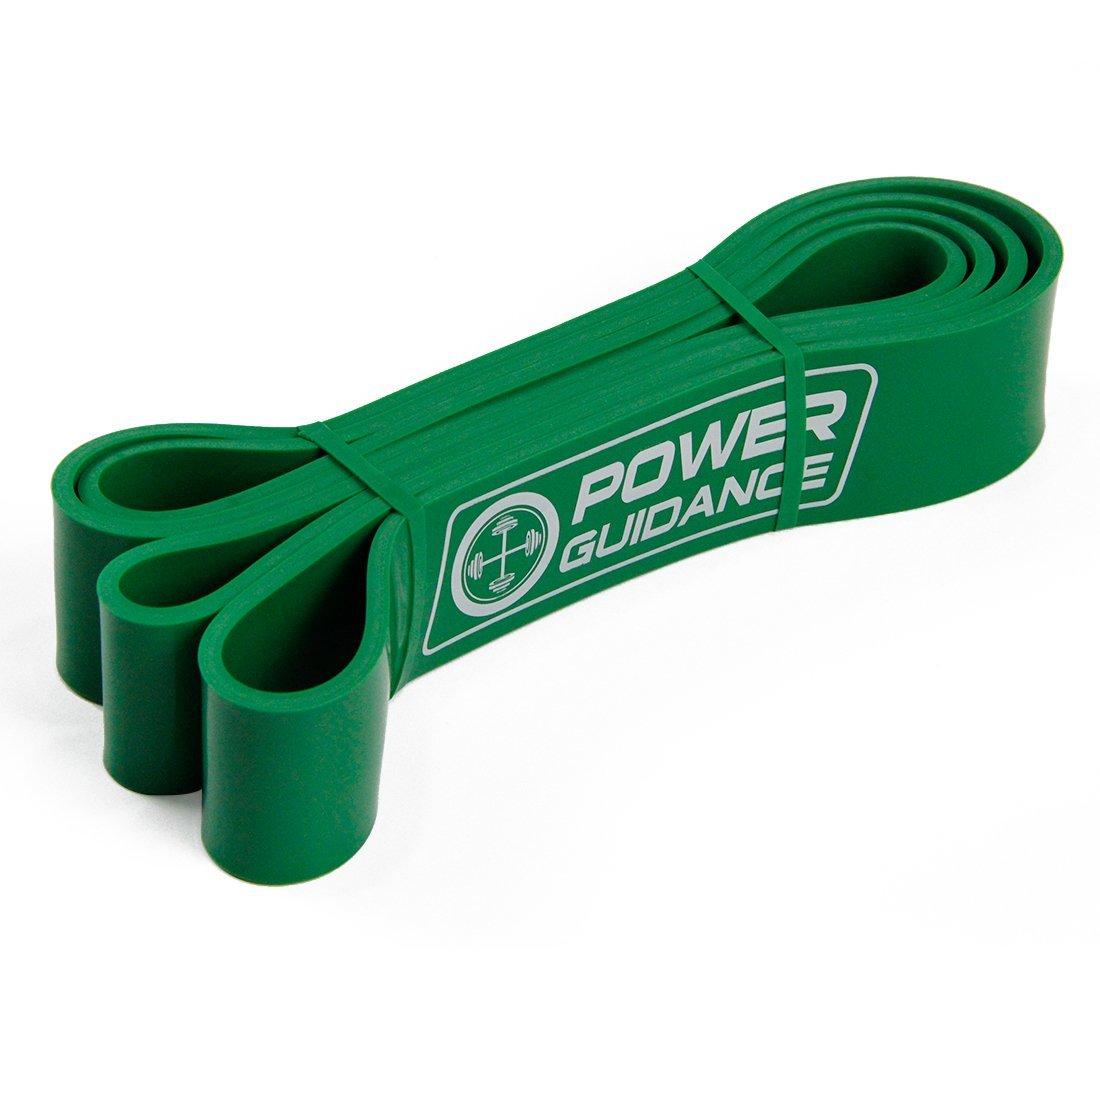 Jambes Fessier Pull Up POWER GUIDANCE Bande de R/ésistance Bande /Élastique pour Exercice,Yoga,Entrainement Corps